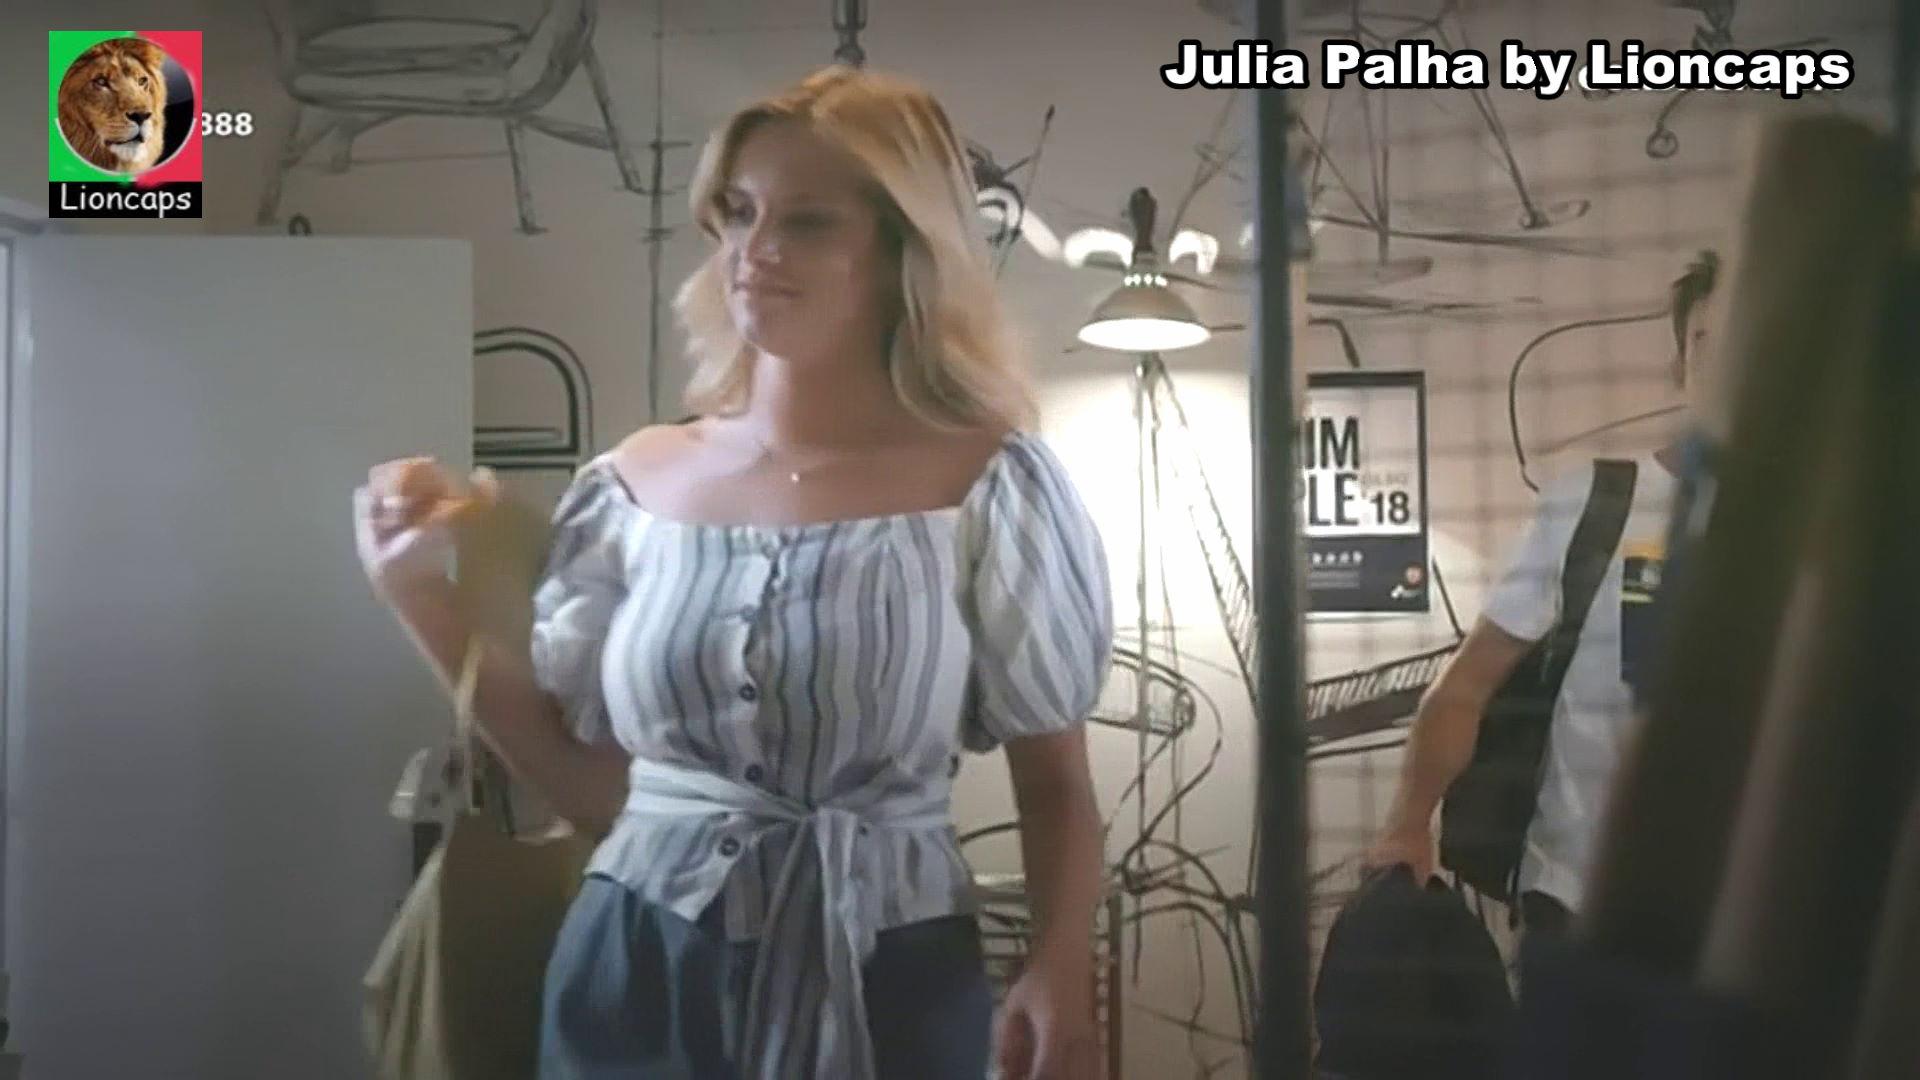 649382982_julia_palha_vs191101_0821_122_406lo.JPG